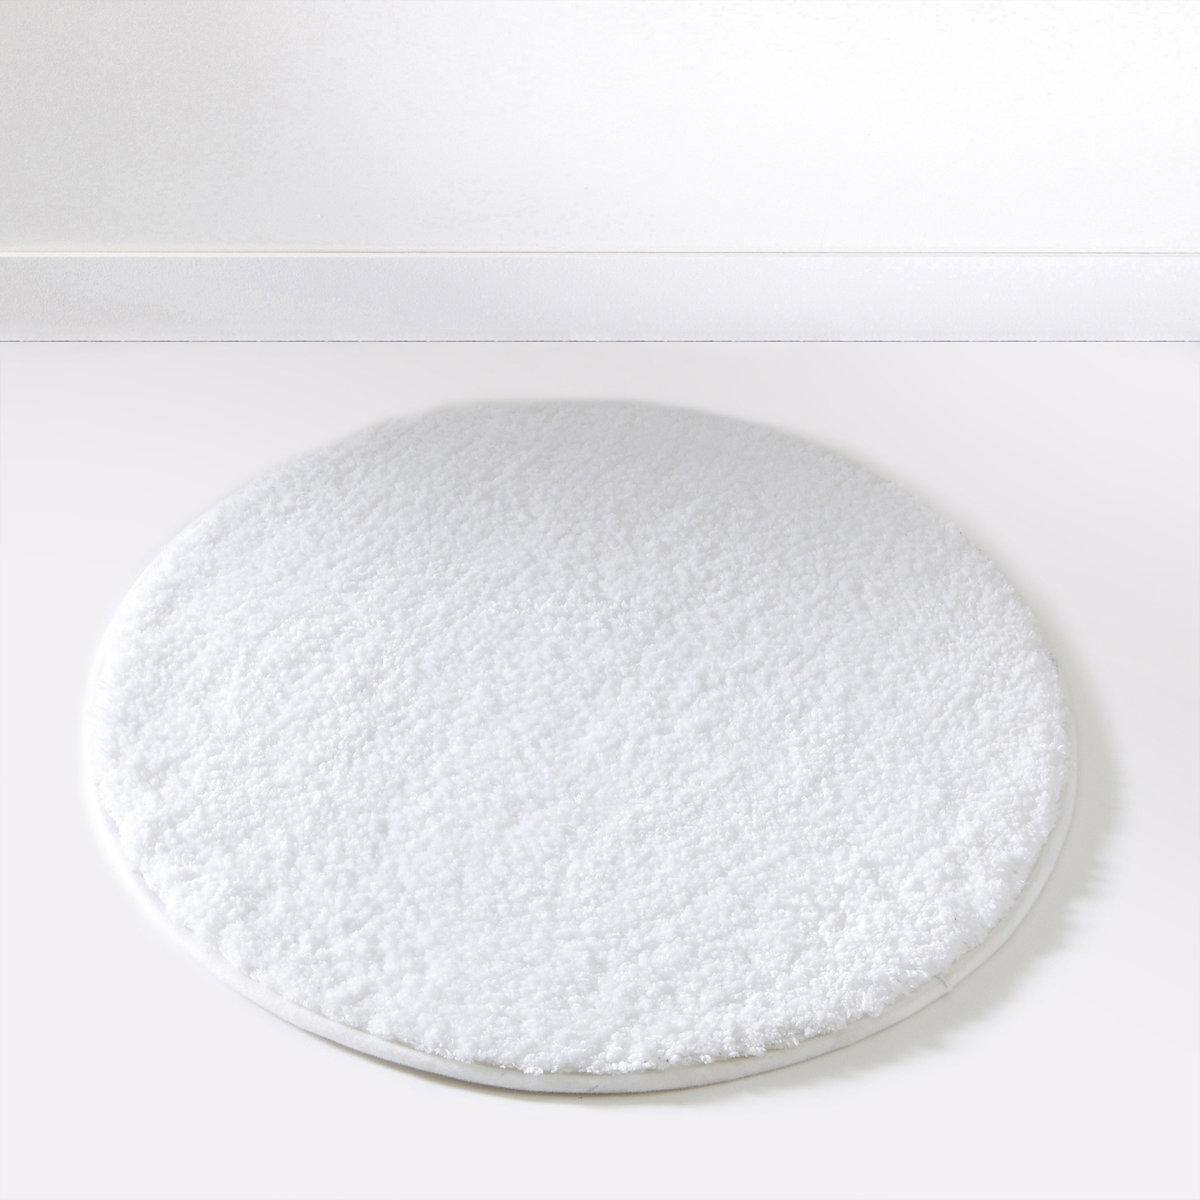 Коврик для ванной SCENARIOСостав коврика для ванной Scenario:Пушистая одноцветная микрофибра, 1500 г/м2.100% полиэстера.Диаметр коврика для ванной Scenario:60 см, 7 цветов: бежевый / белый / голубой / темно-серый / черный / зеленый анисовый / фиолетовый сливовый.<br><br>Цвет: белый,зеленый анис,темно-серый,черный<br>Размер: единый размер